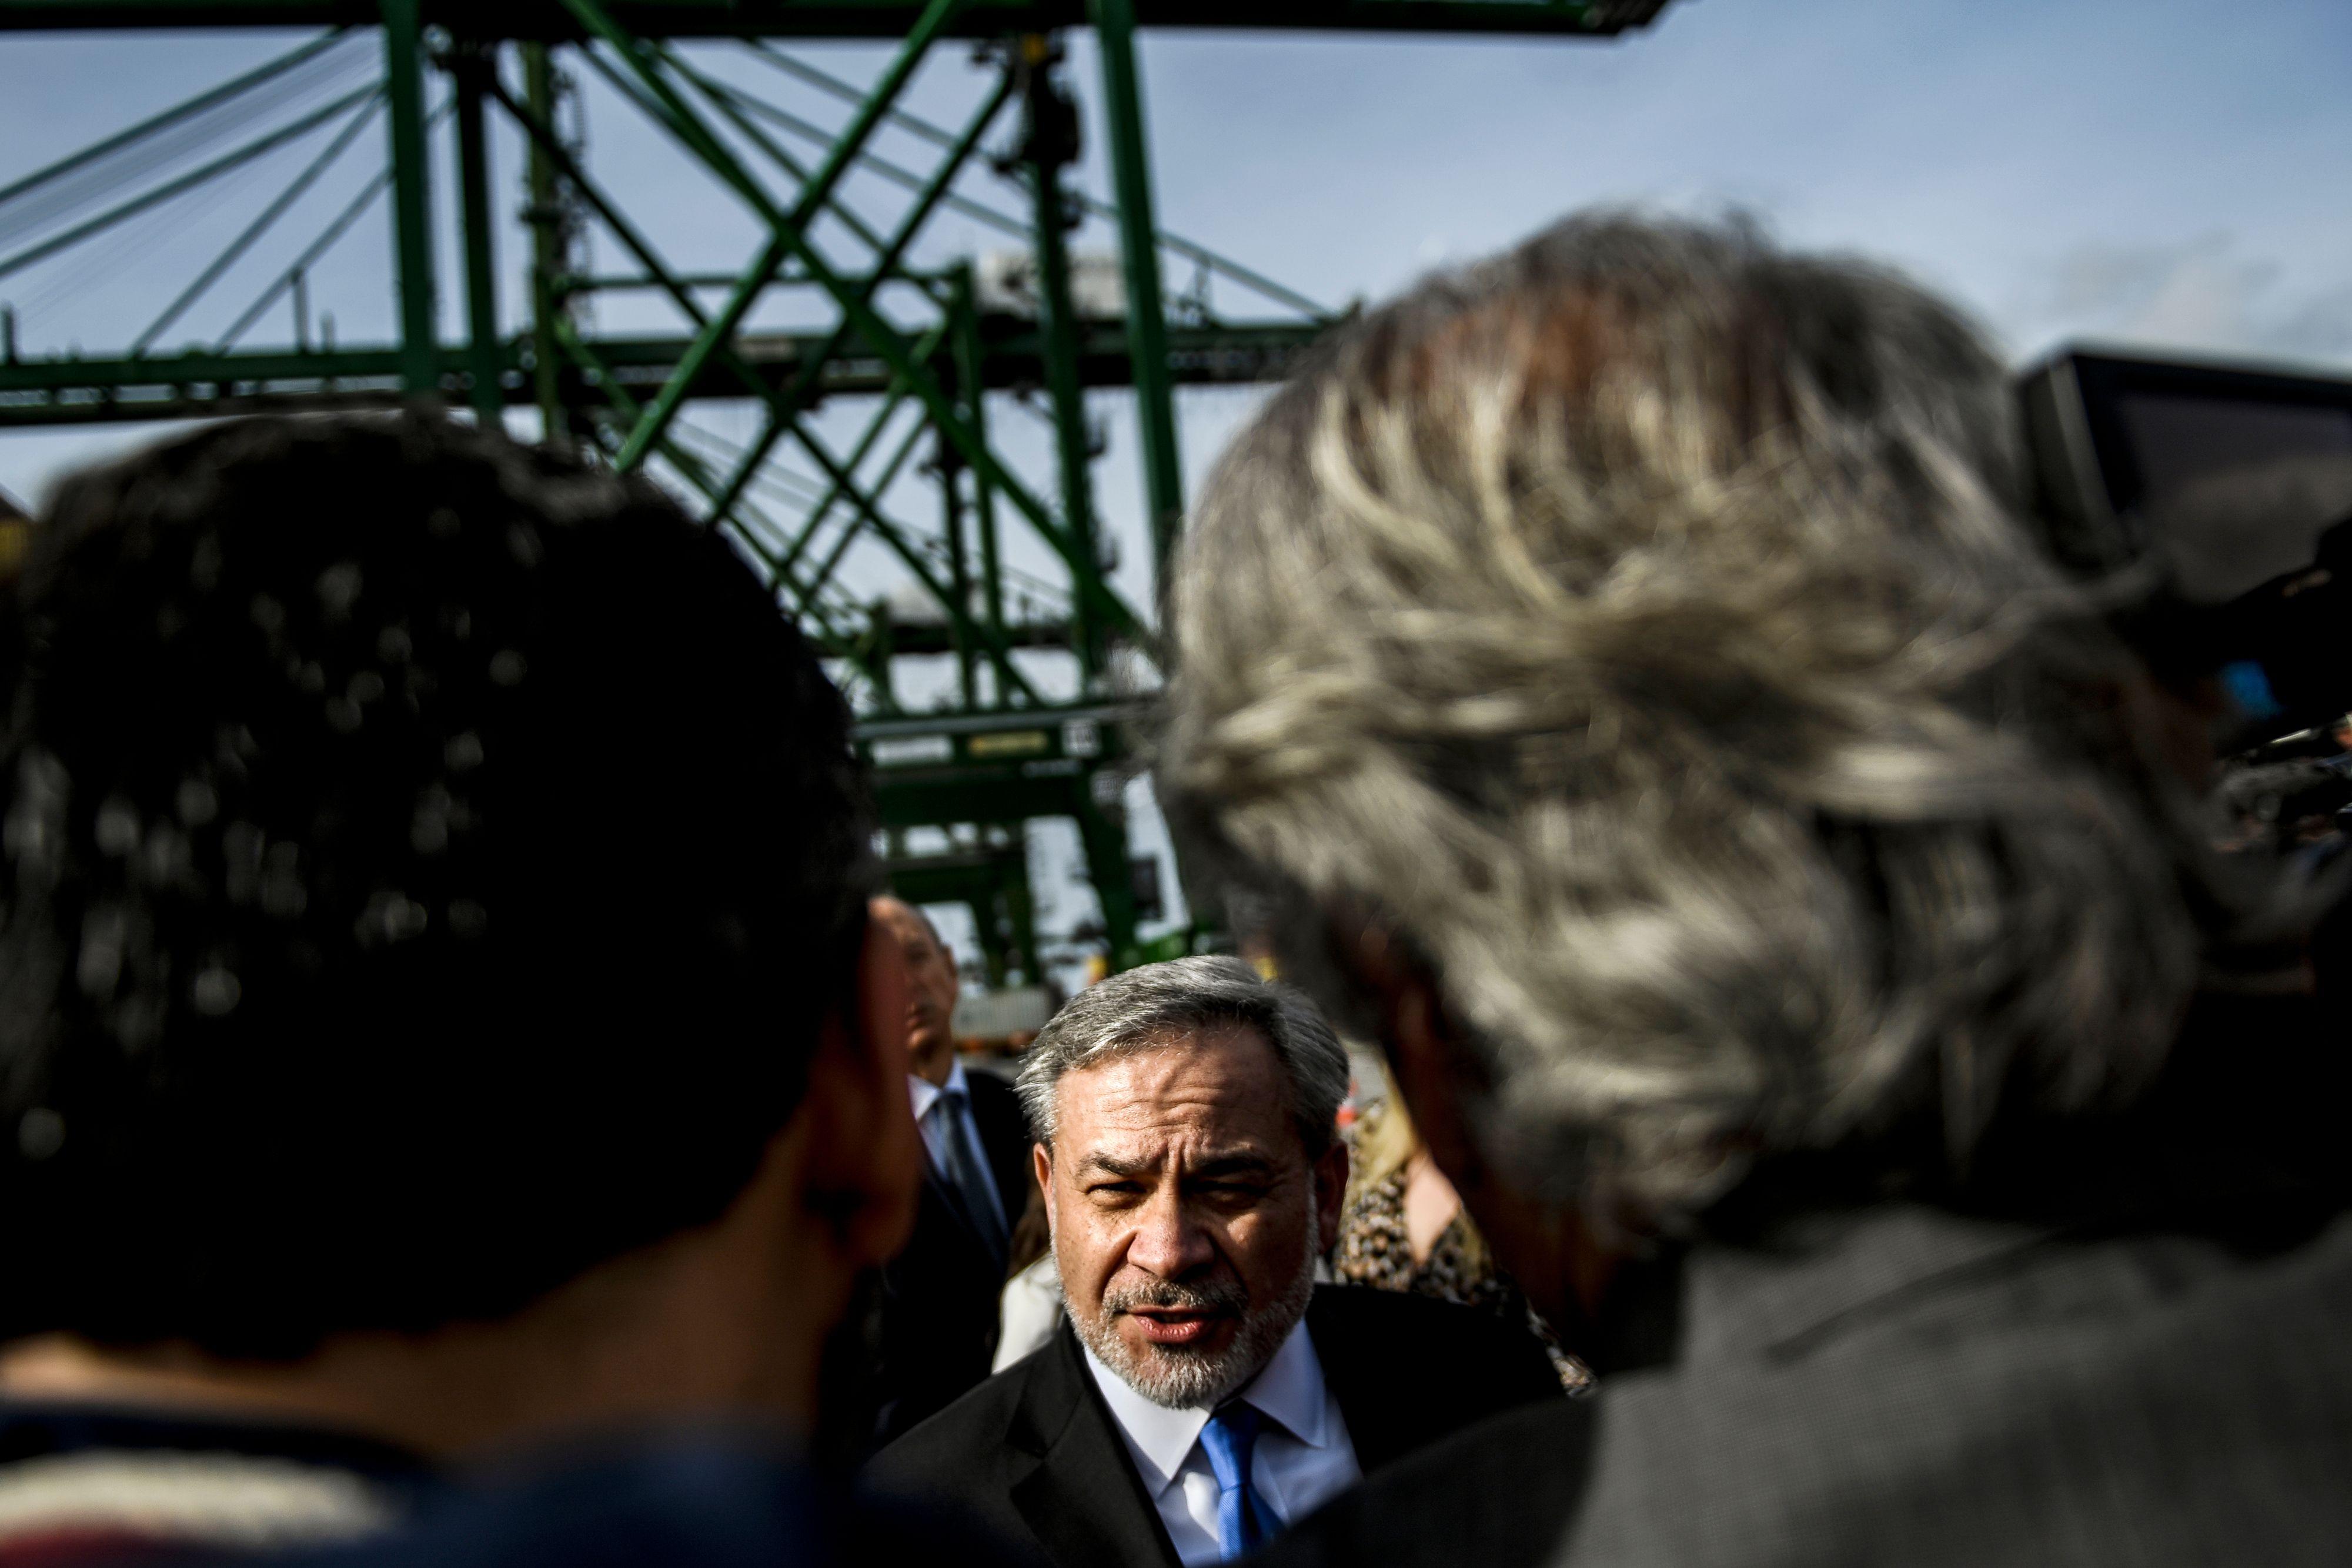 U.S. Energy Secretary Dan Brouillette visits a liquefied natural gas terminal Feb. 12, 2020. (Patricia de Melo Moreira/AFP via Getty Images)